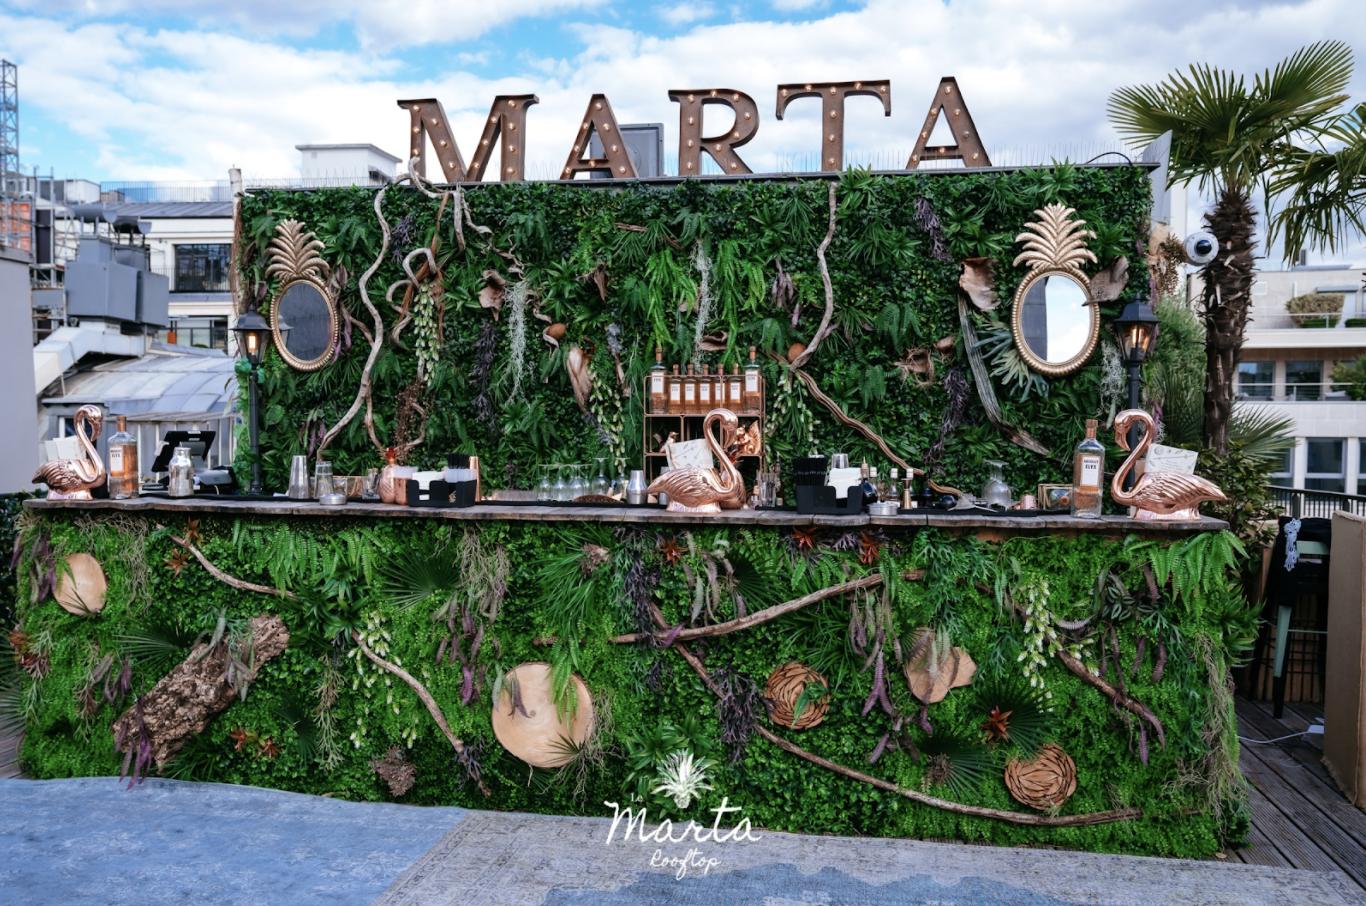 Rooftop Marta Fouquet's Paris / Terrasse paris